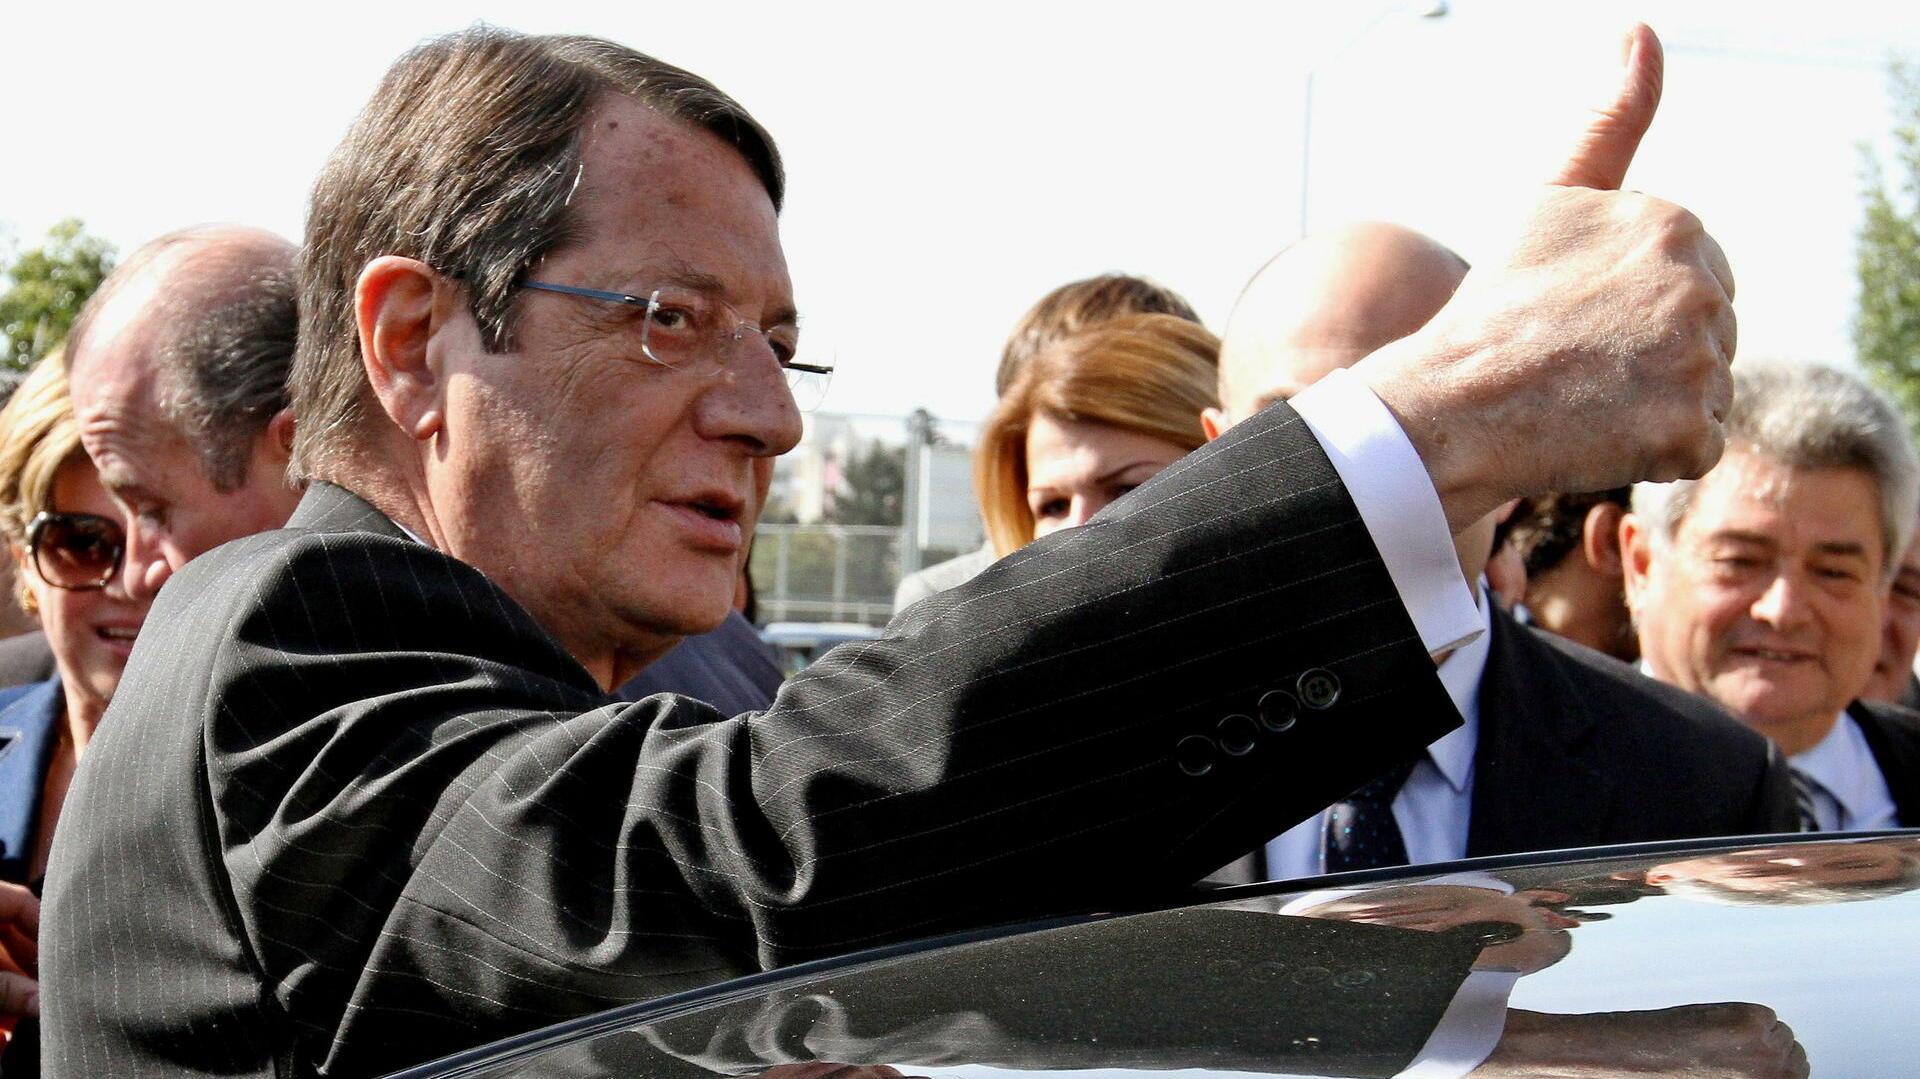 Konservativer gewinnt Stichwahl: Anastasidis heißt Zyperns neuer Präsident